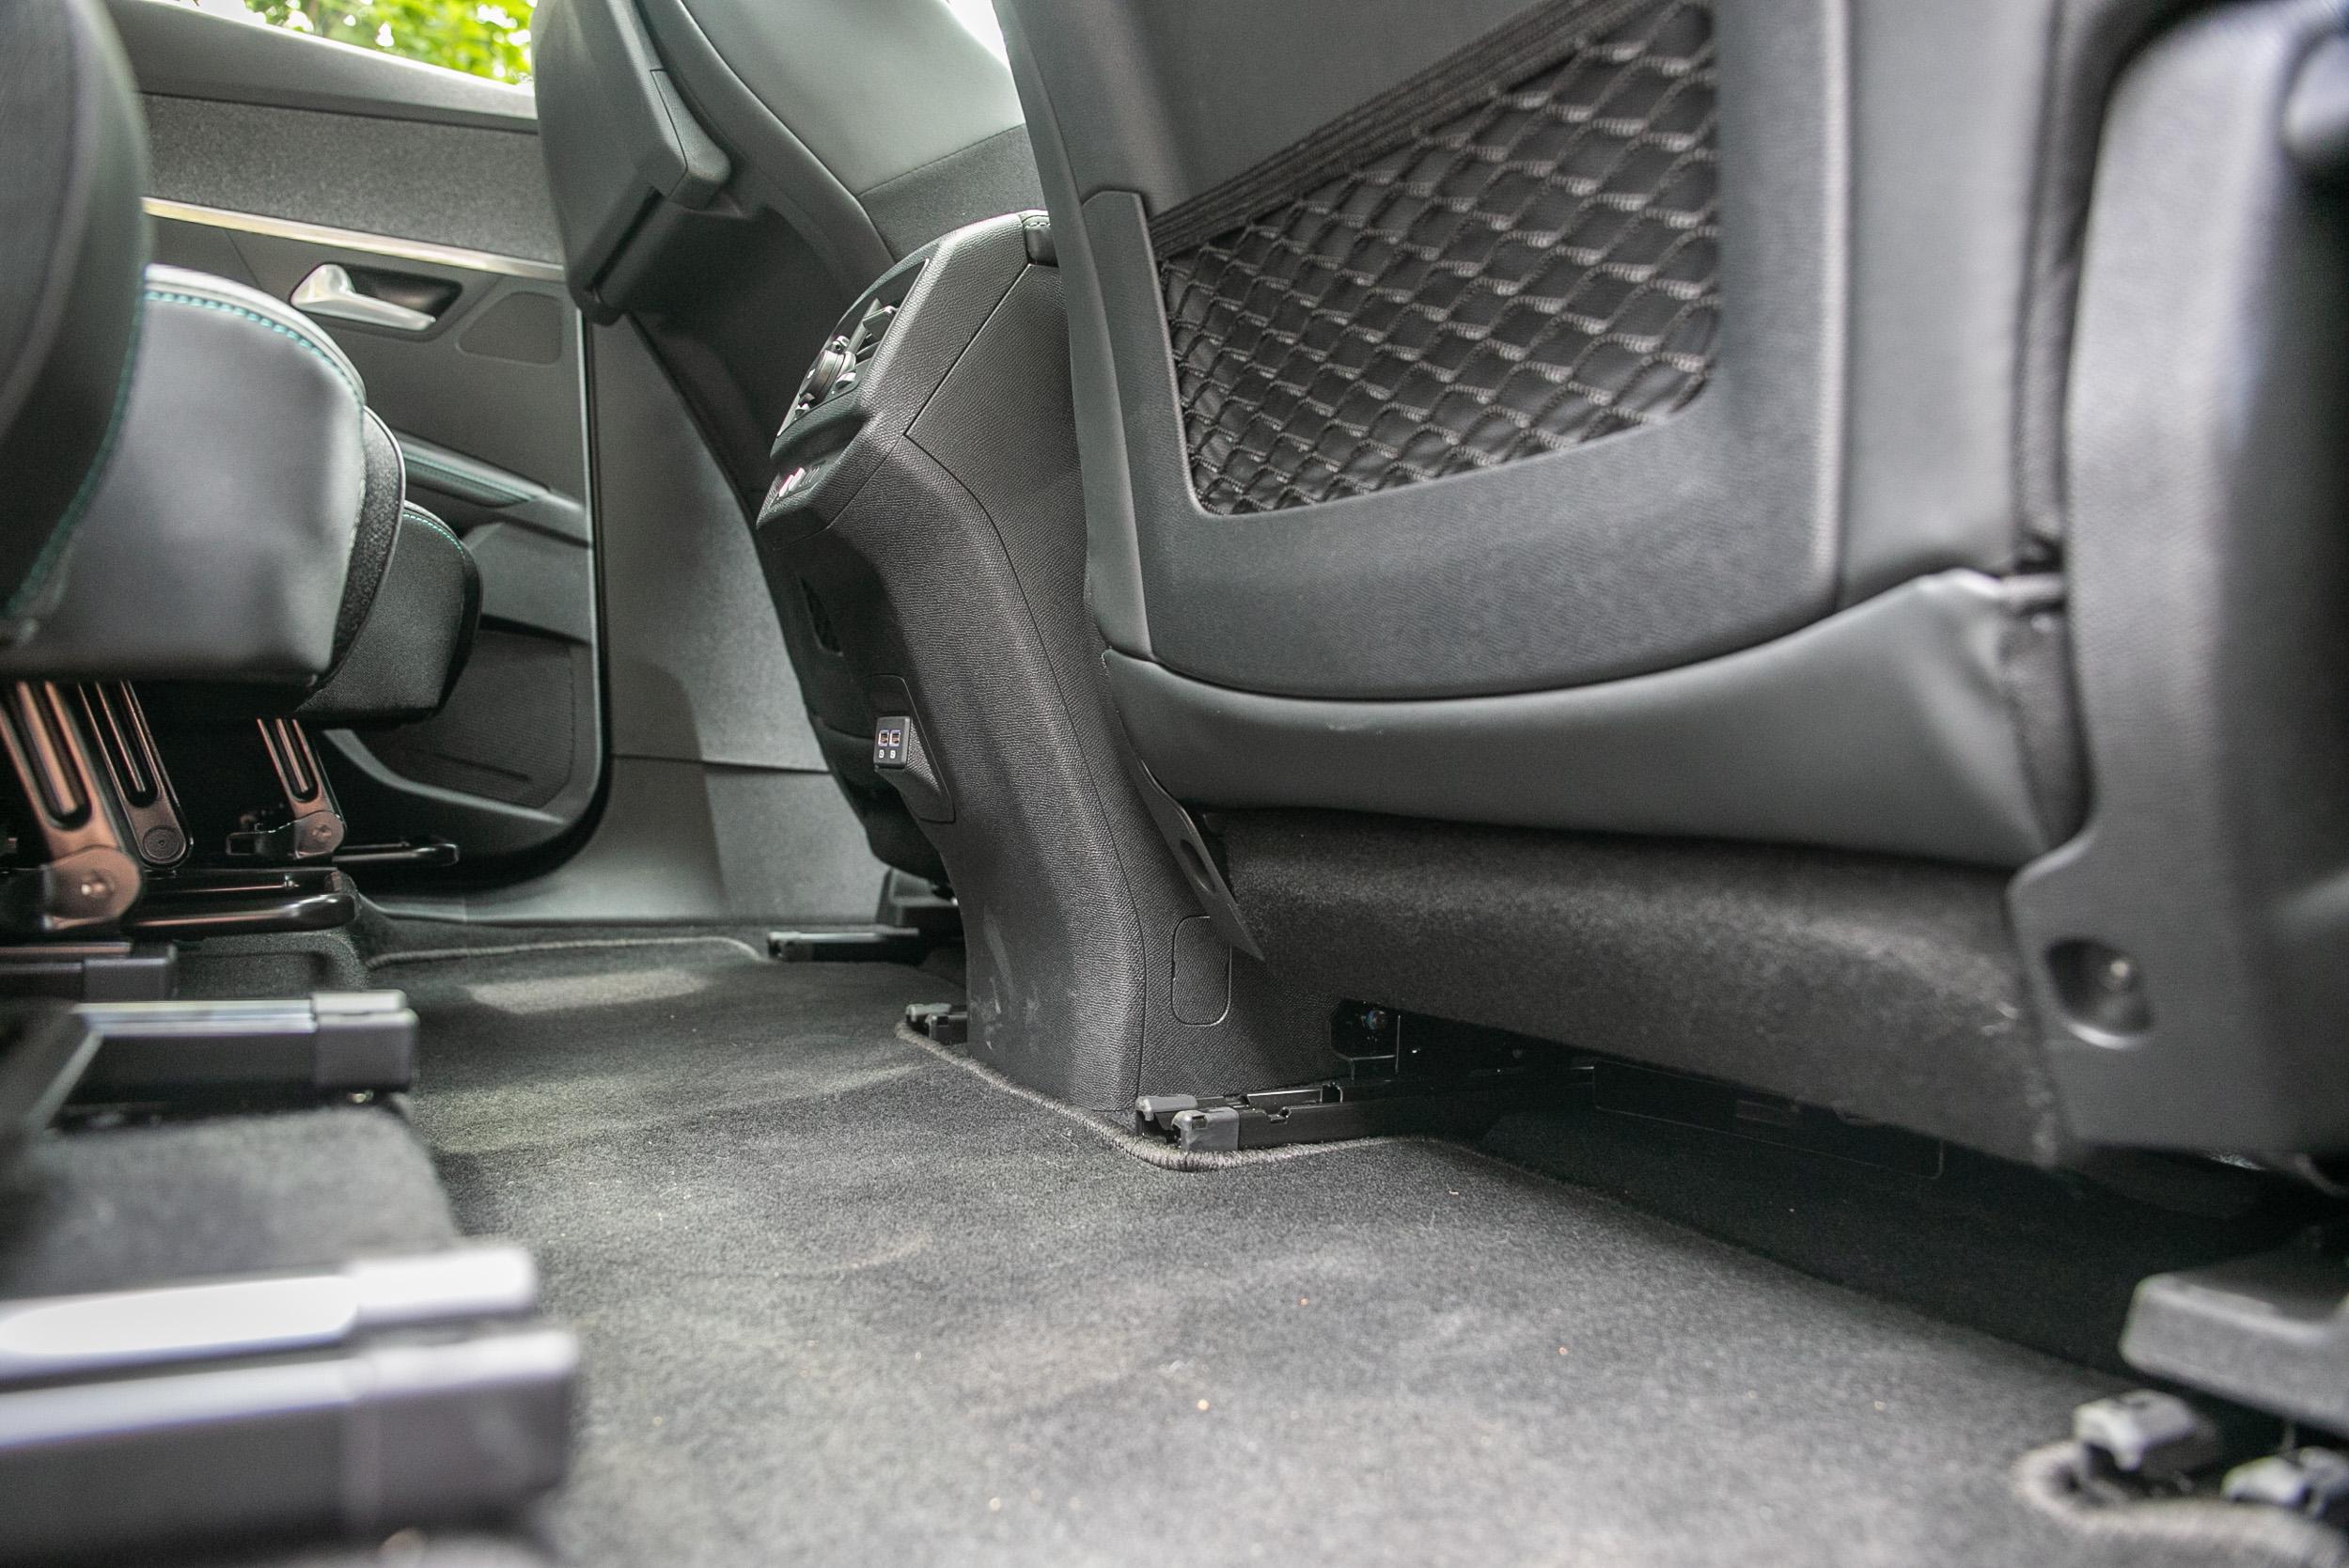 第二排具有果嶺式的平整地板,讓乘坐更加舒適。